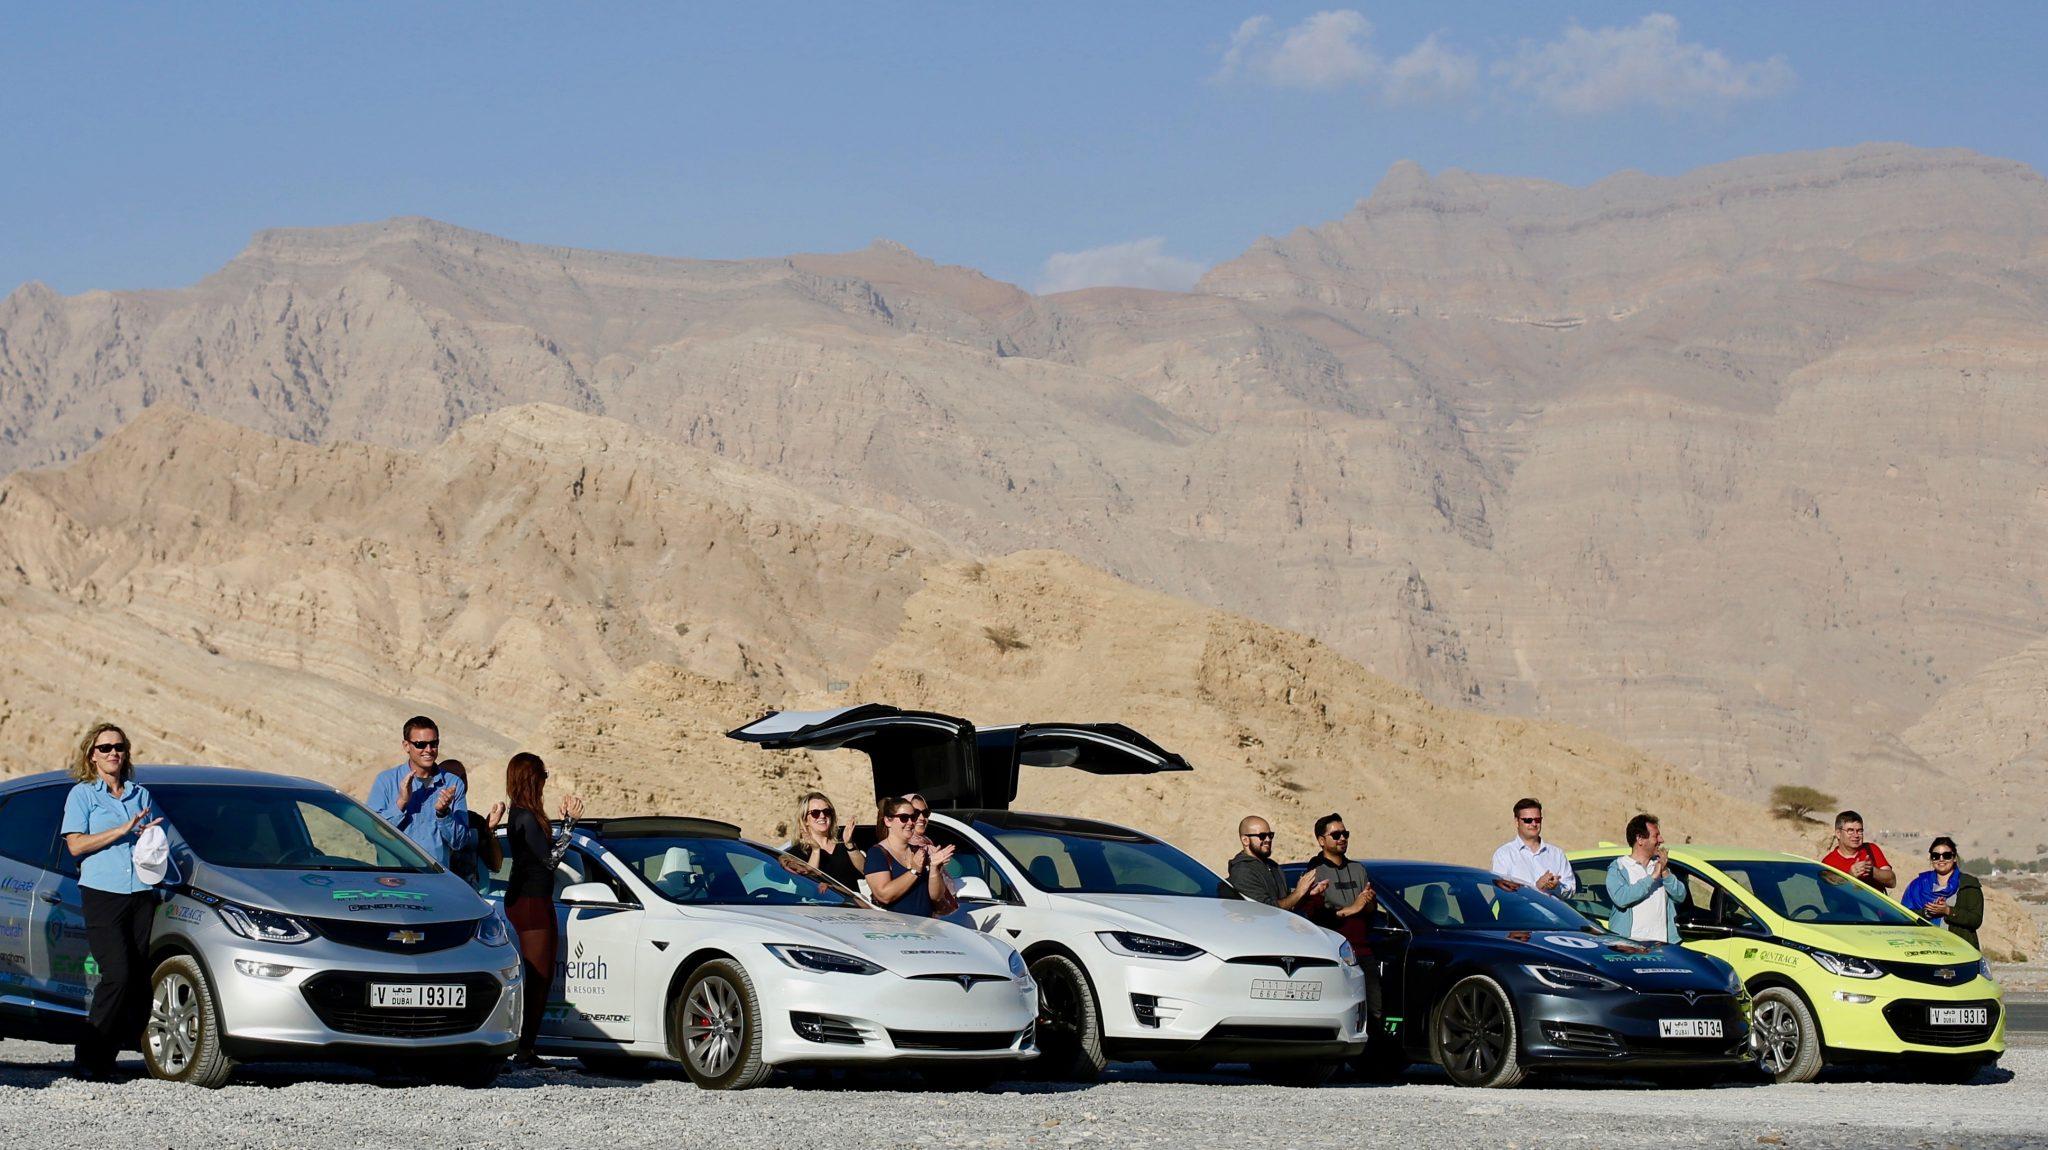 النسخة الرابعة من رحلة السيارات الكهربائية الأكبر في العالم